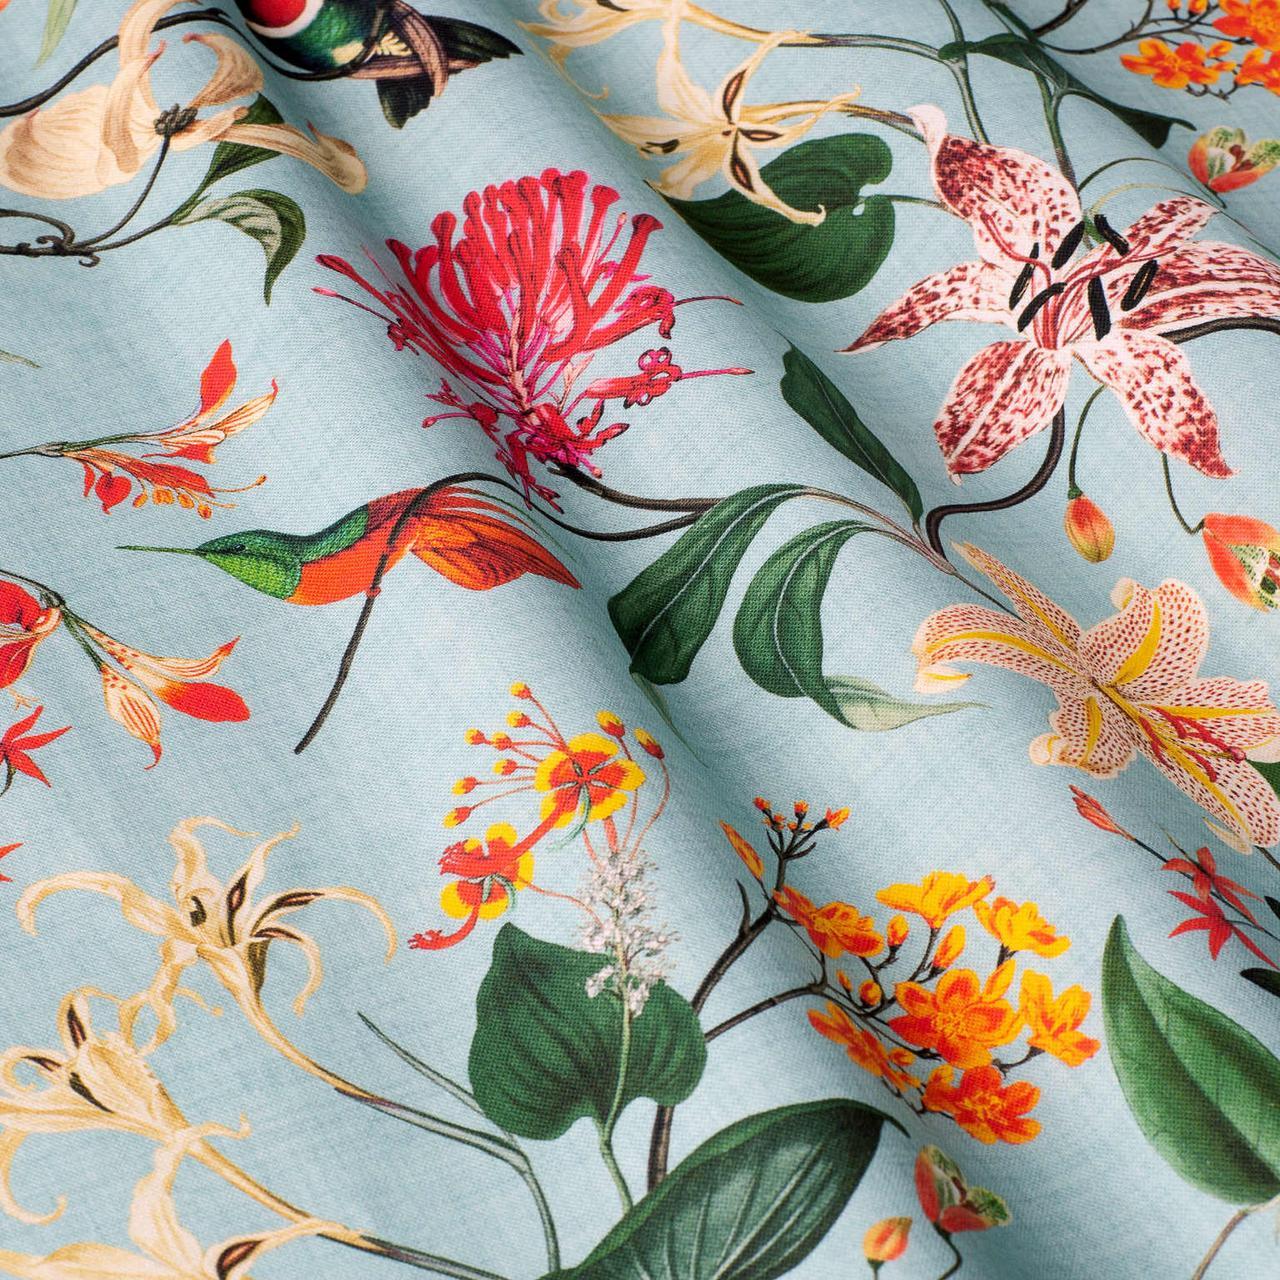 Декоративная ткань с крупными цветными растениями и птицами на голубом 84296v1